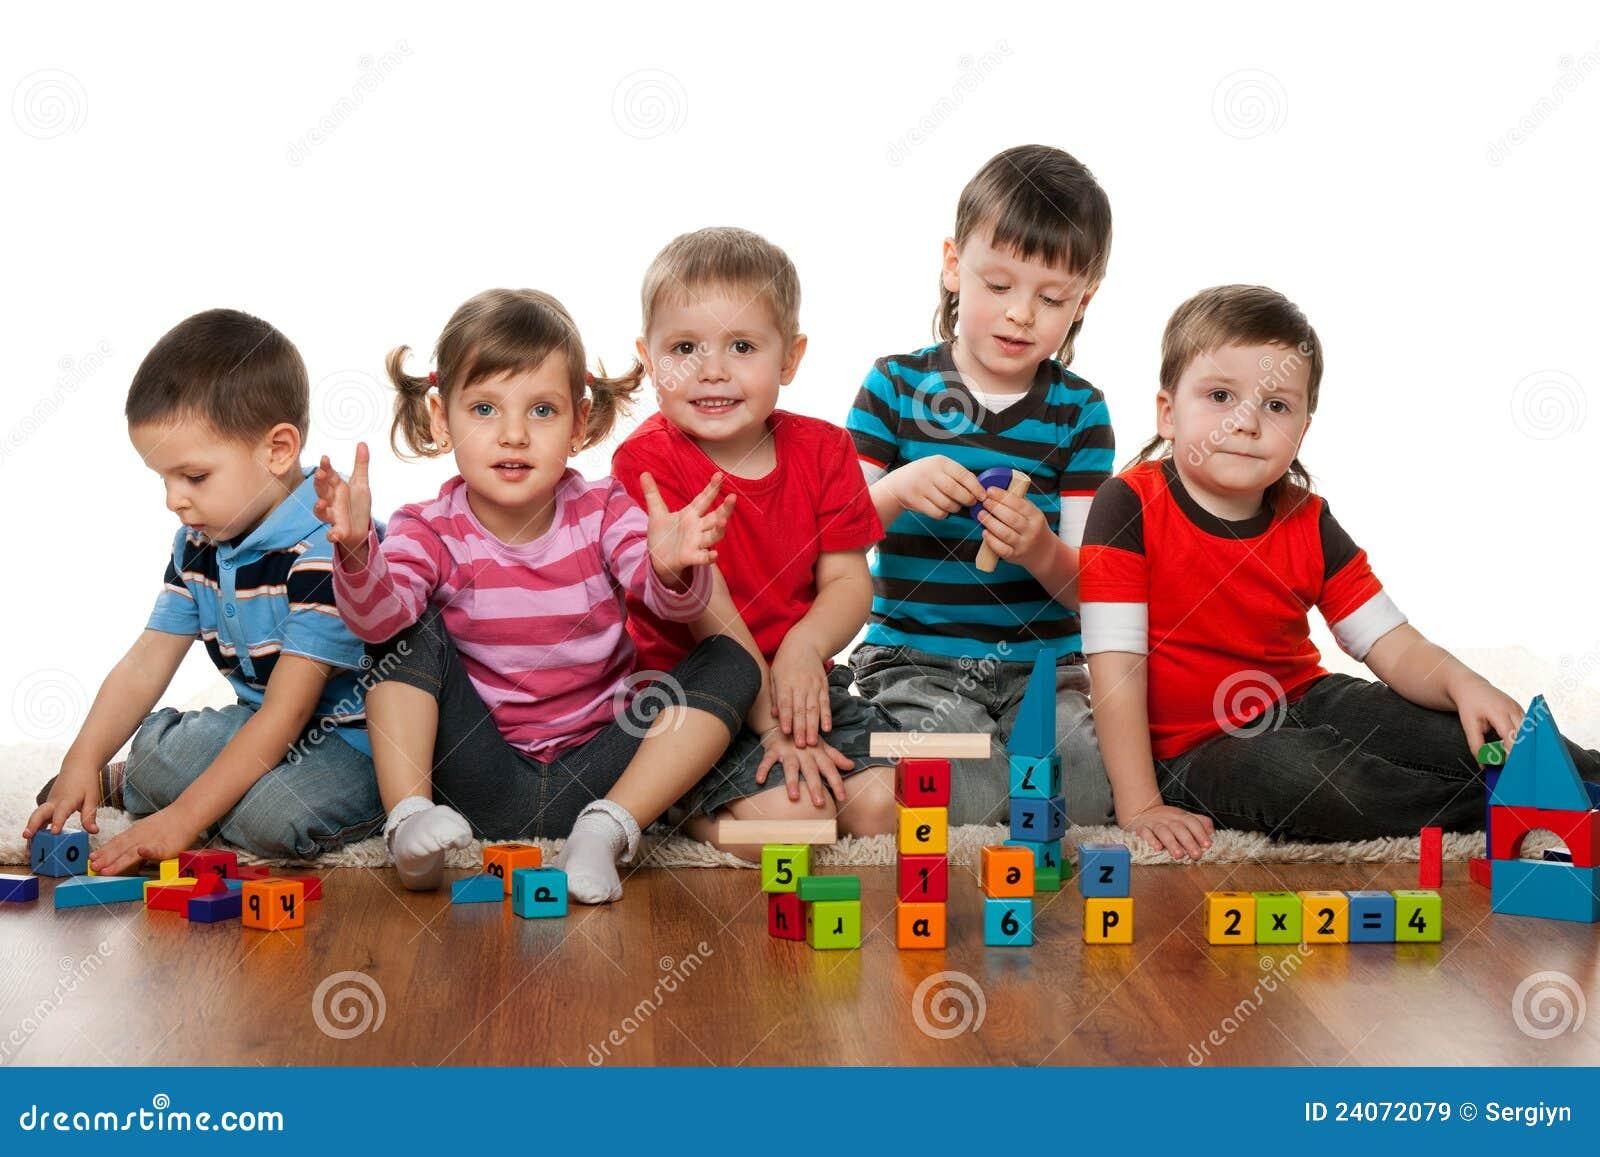 Example Of Floor Plan Kindergarten Royalty Free Stock Images Image 24072079